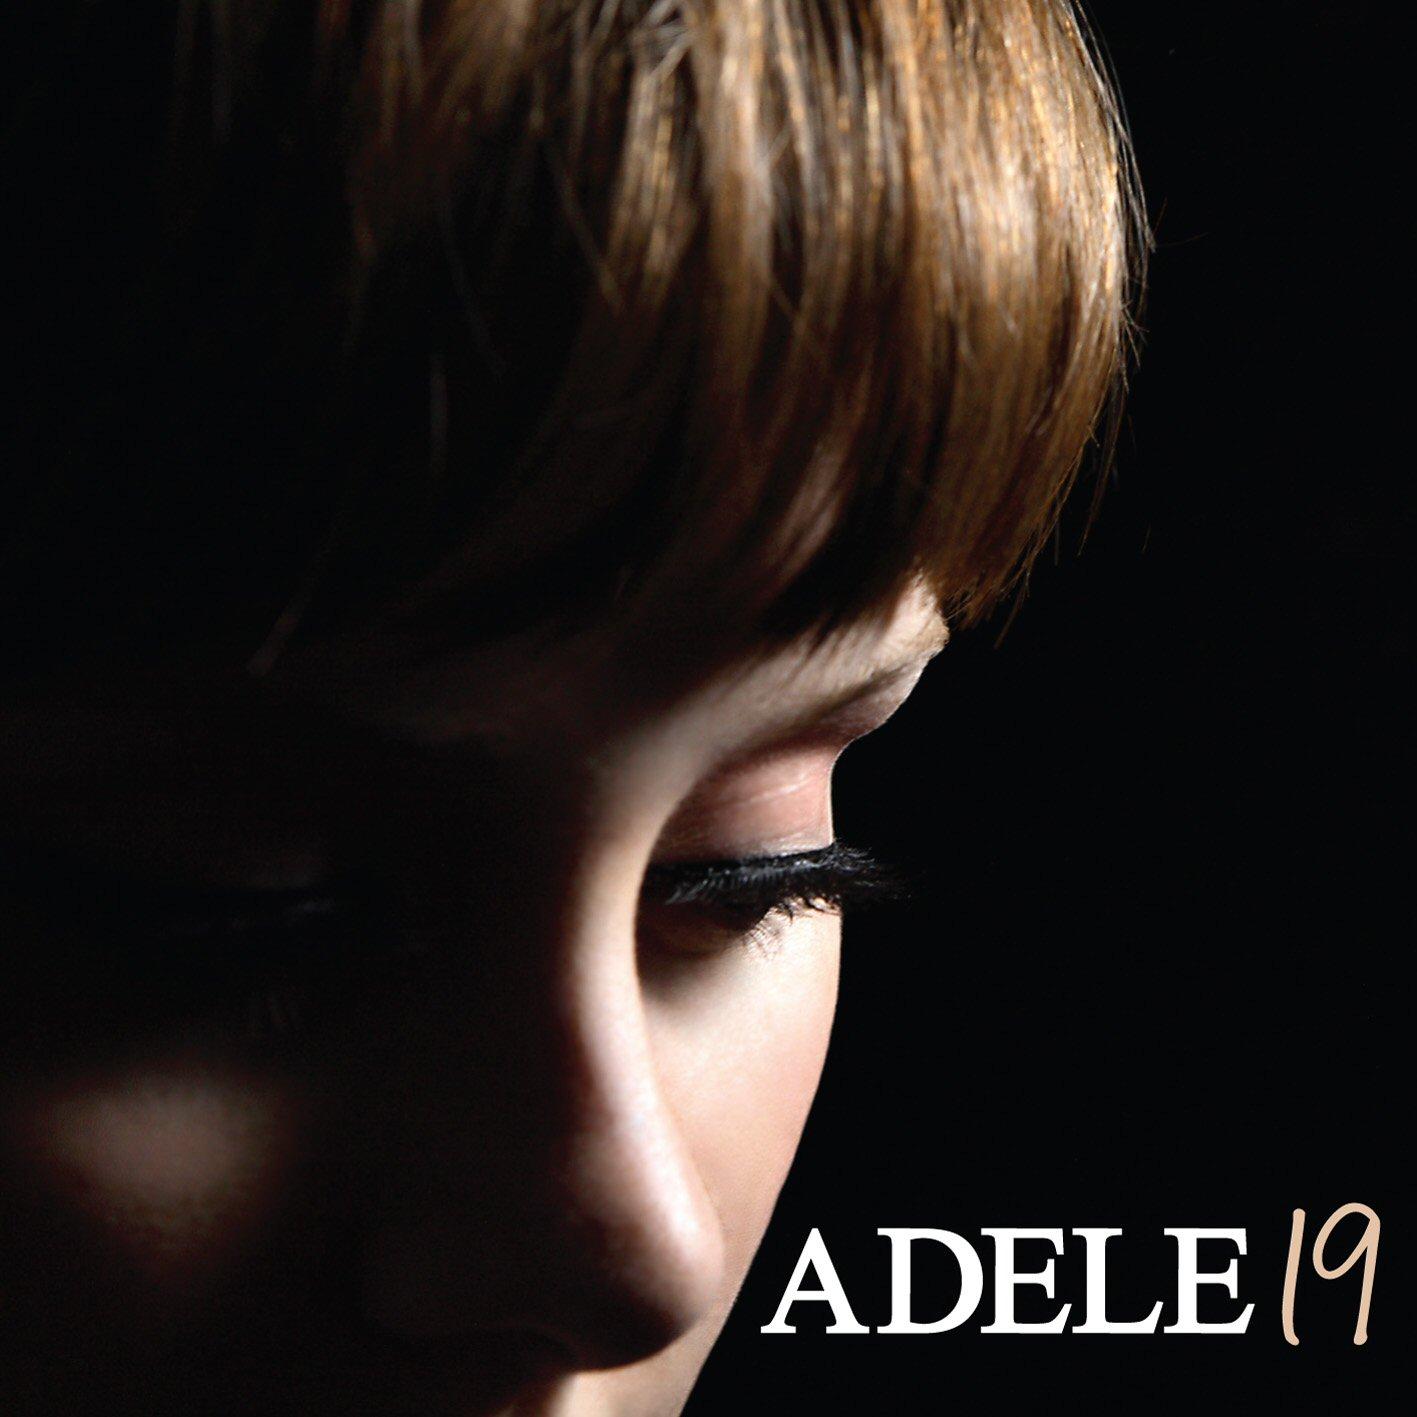 Capa Adele   19 | músicas